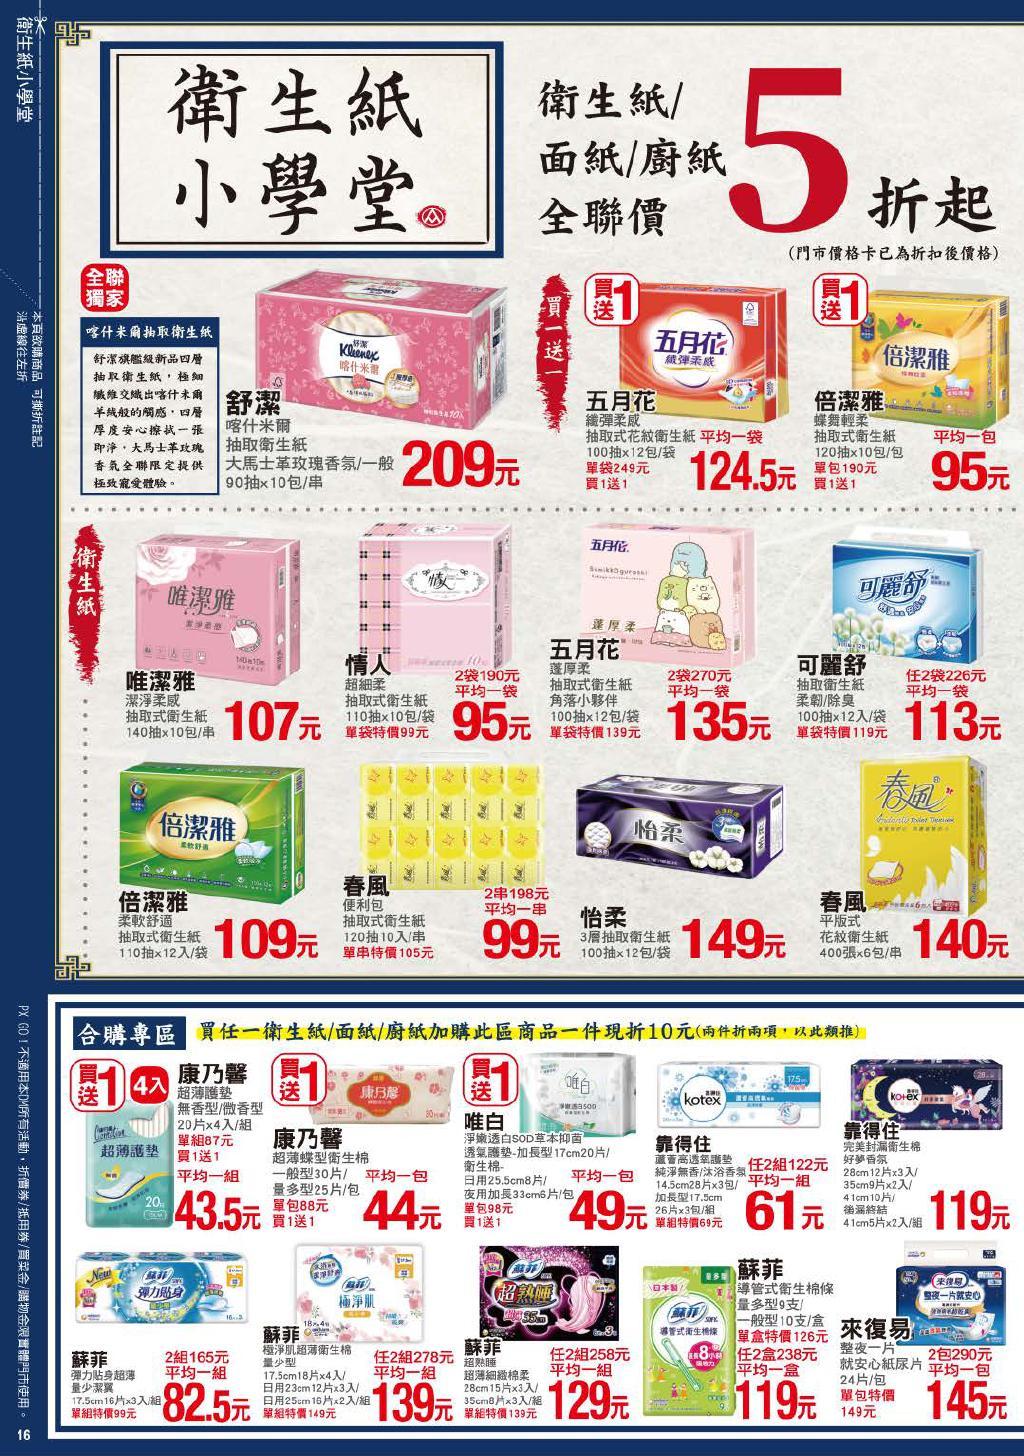 pxmart20201217_000016.jpg